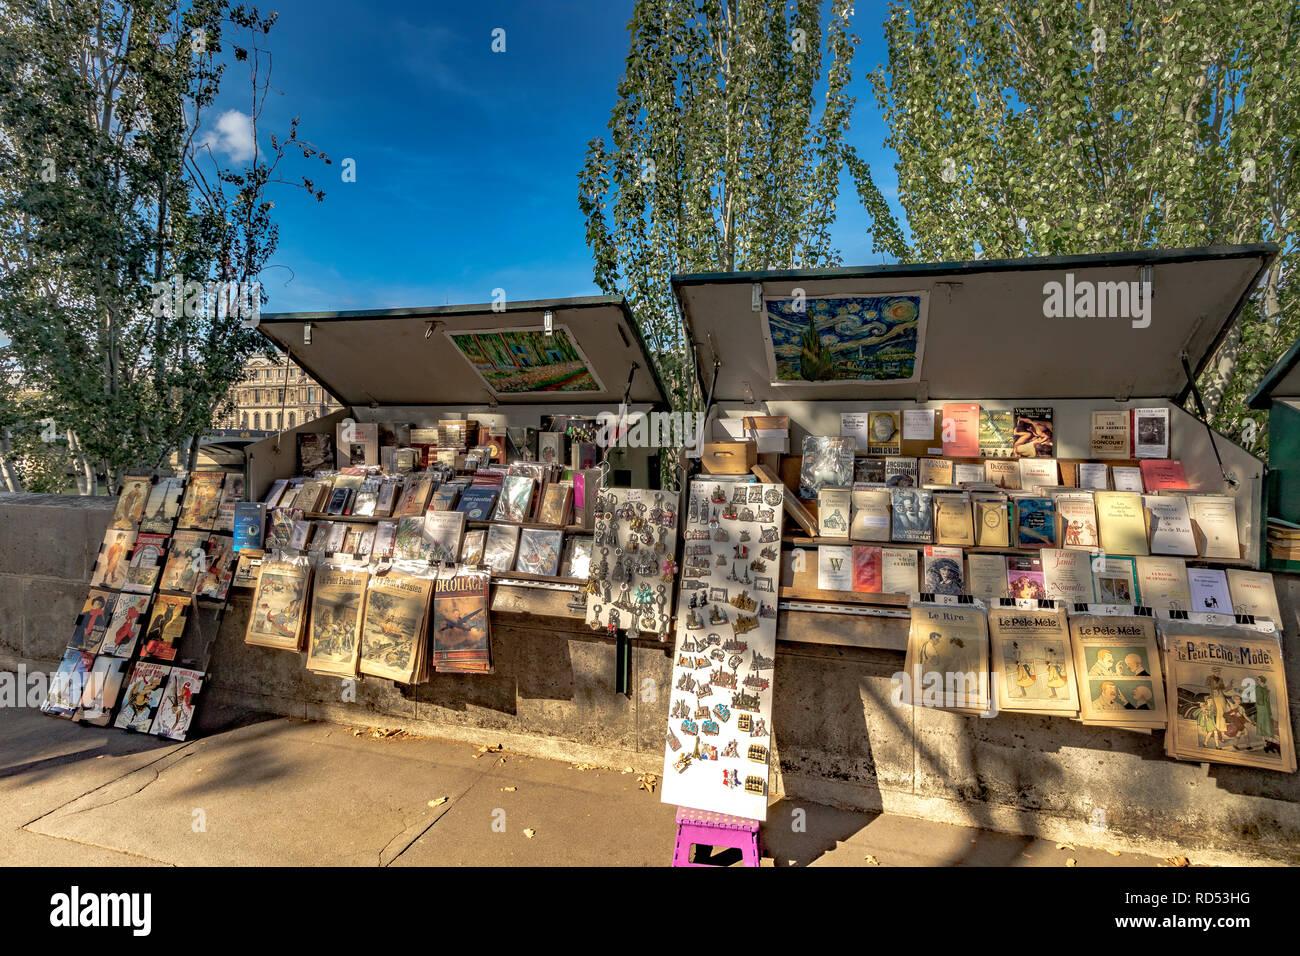 Bouquinistes de Paris along the Banks of The River Seine ,a green painted kiosk selling second hand  books ,magazines and prints, Quai De Conti ,Paris - Stock Image